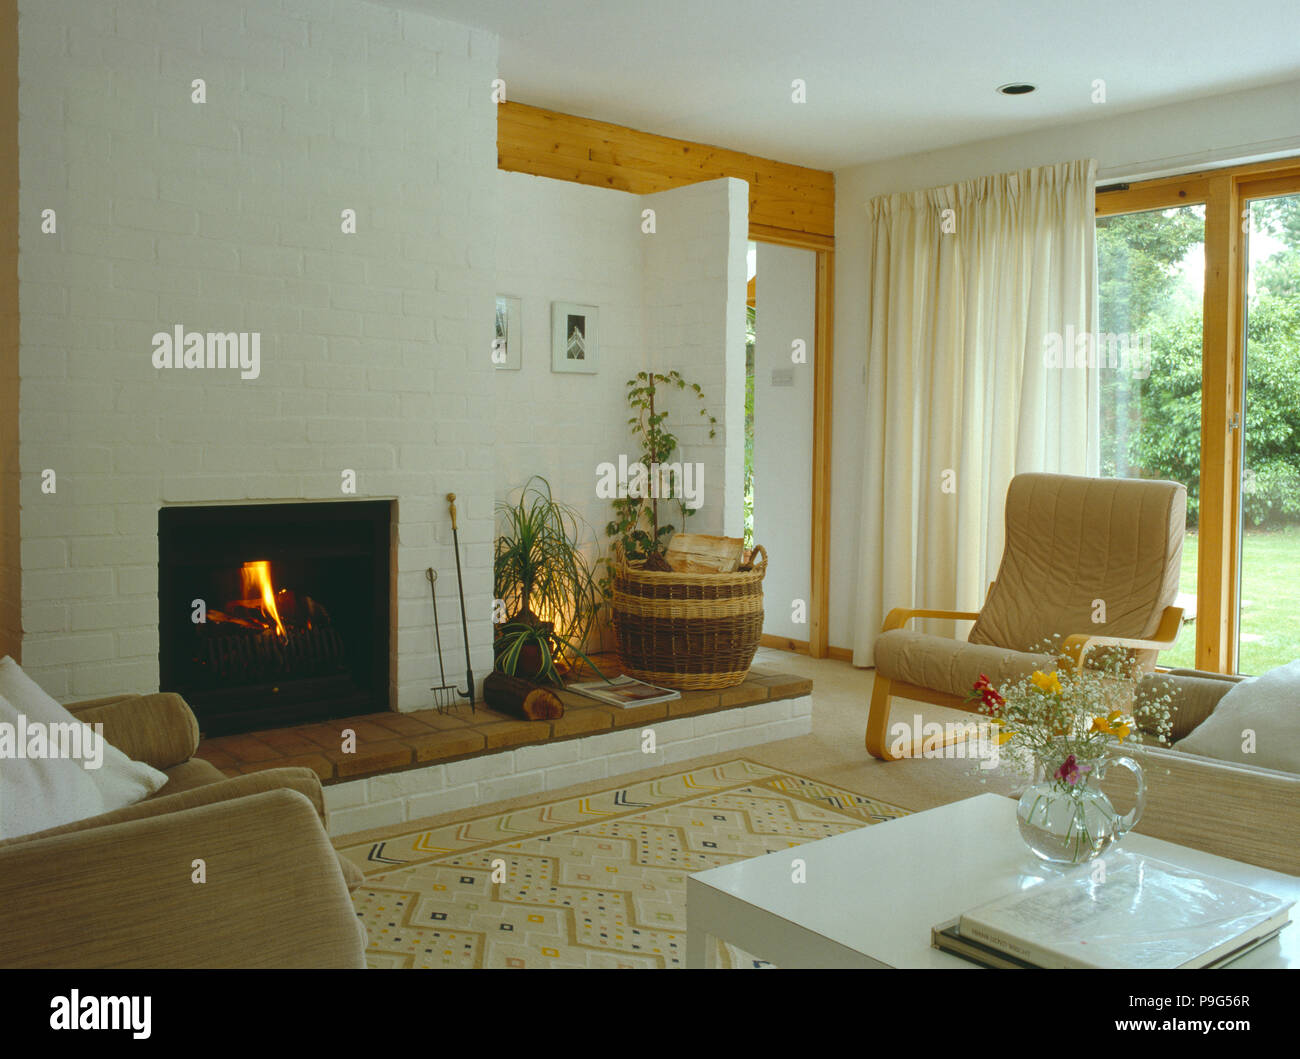 Tende Soggiorno Bianche : Acceso il fuoco e tende bianche nel soggiorno moderno con